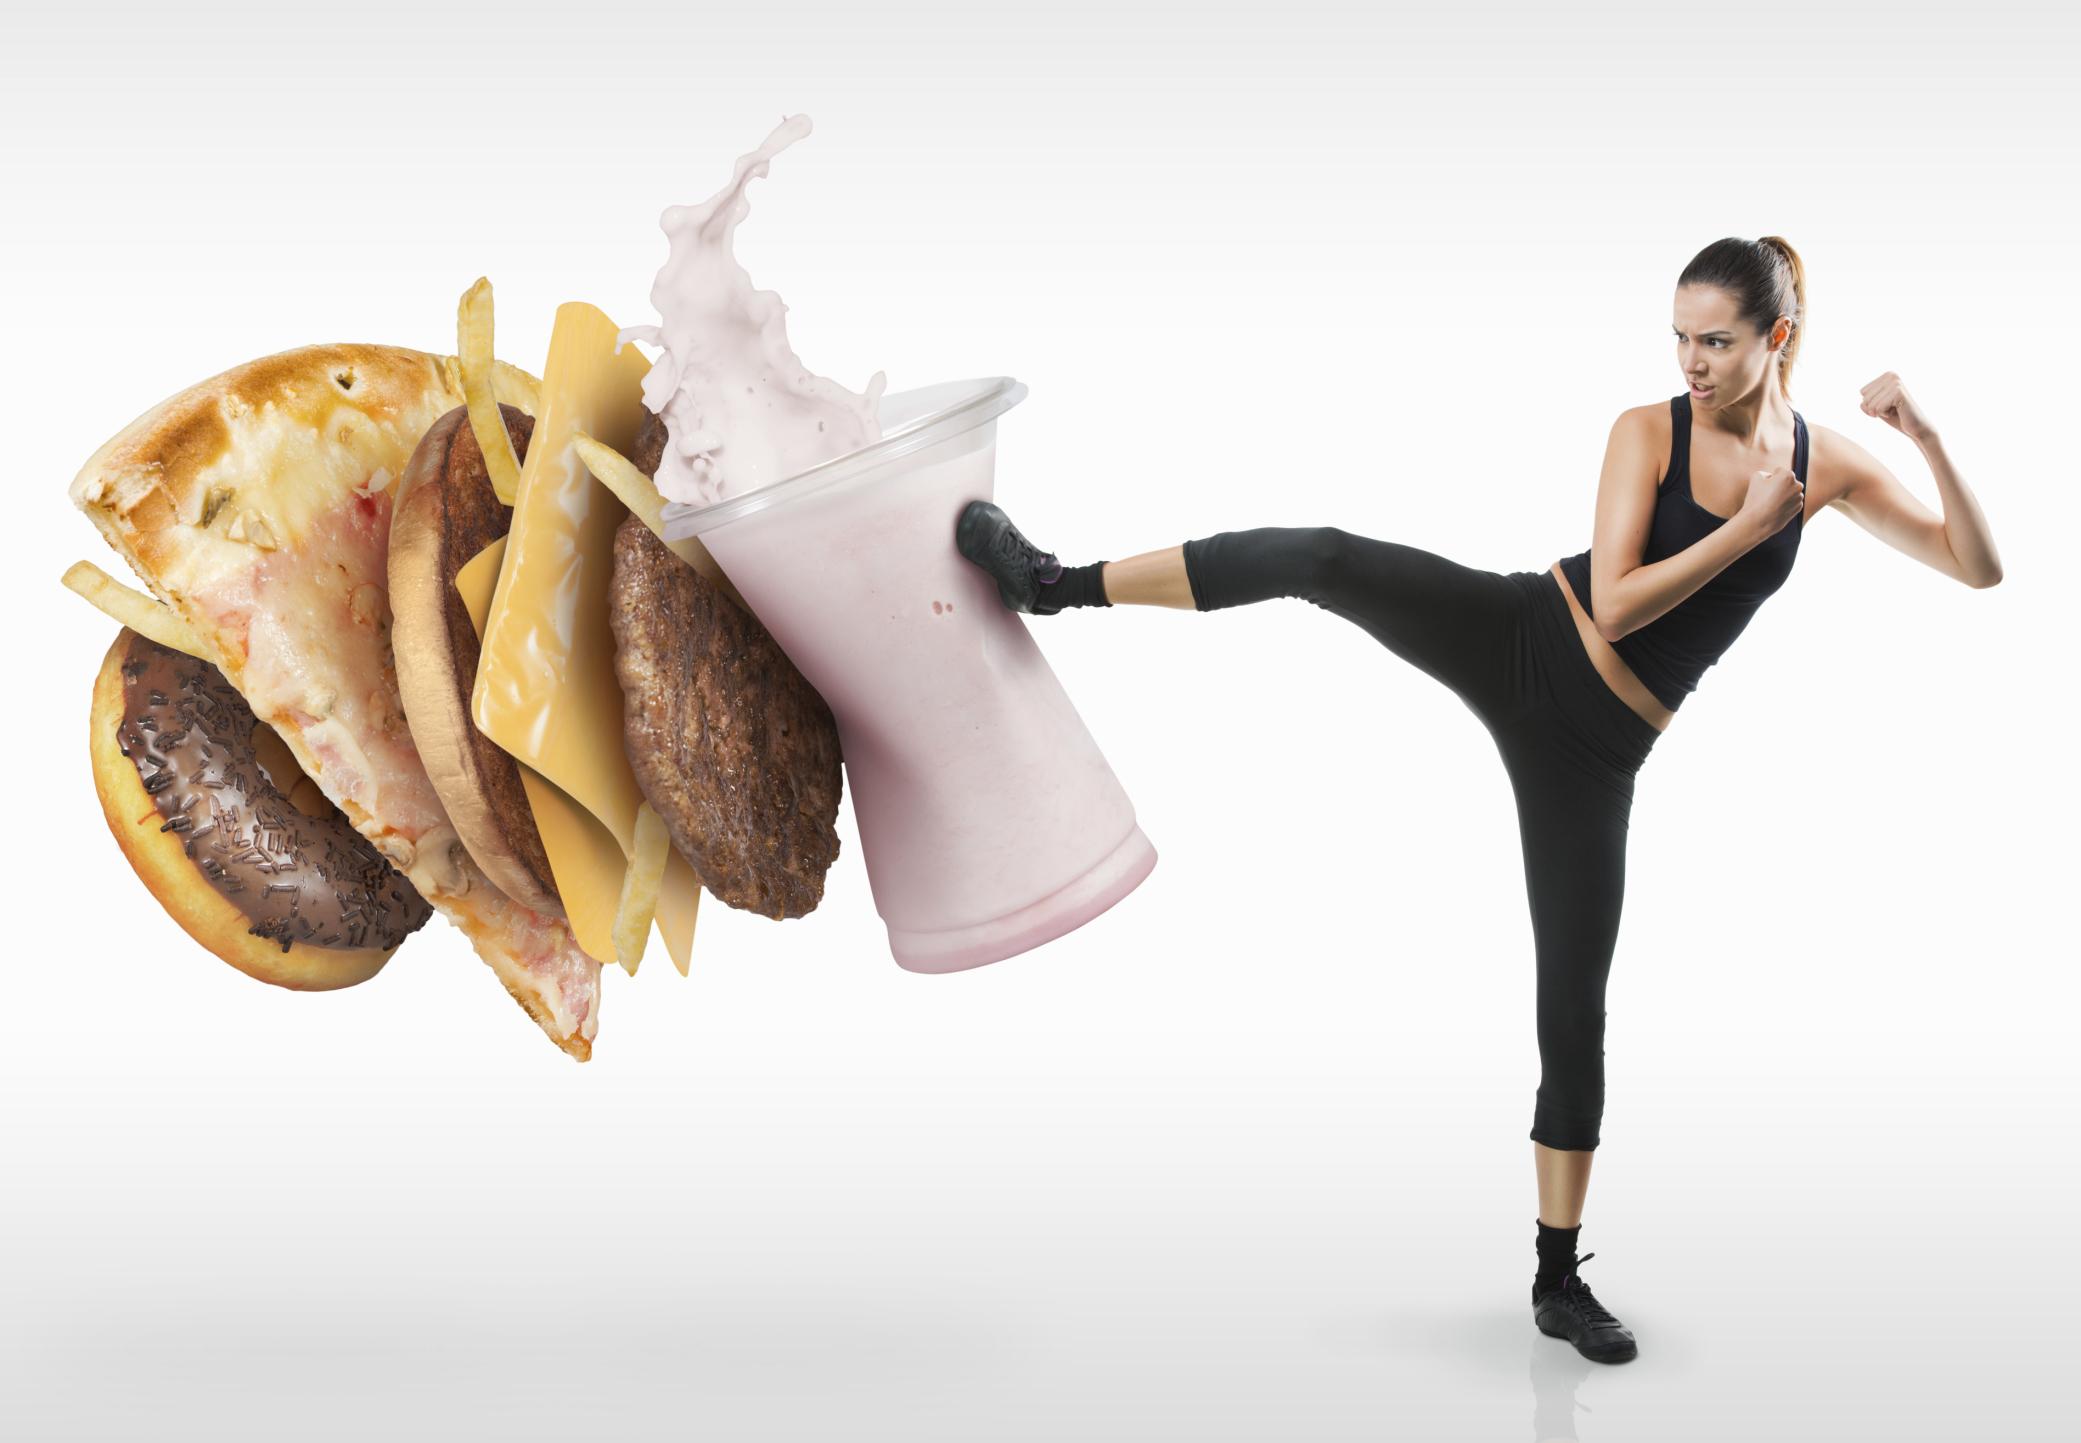 Упражнявайте се. Не е нужно да ходите на фитнес. Може да правите най-основните и лесни упраженения, които знаете вкъщи. Ходете повече пеша, а когато сте в градския транспорт - стойте прави, освен ако не се налага да седнете. Колкото по-голяма физическа активност имате, толкова по-силно и стегнато ще е тялото ви.